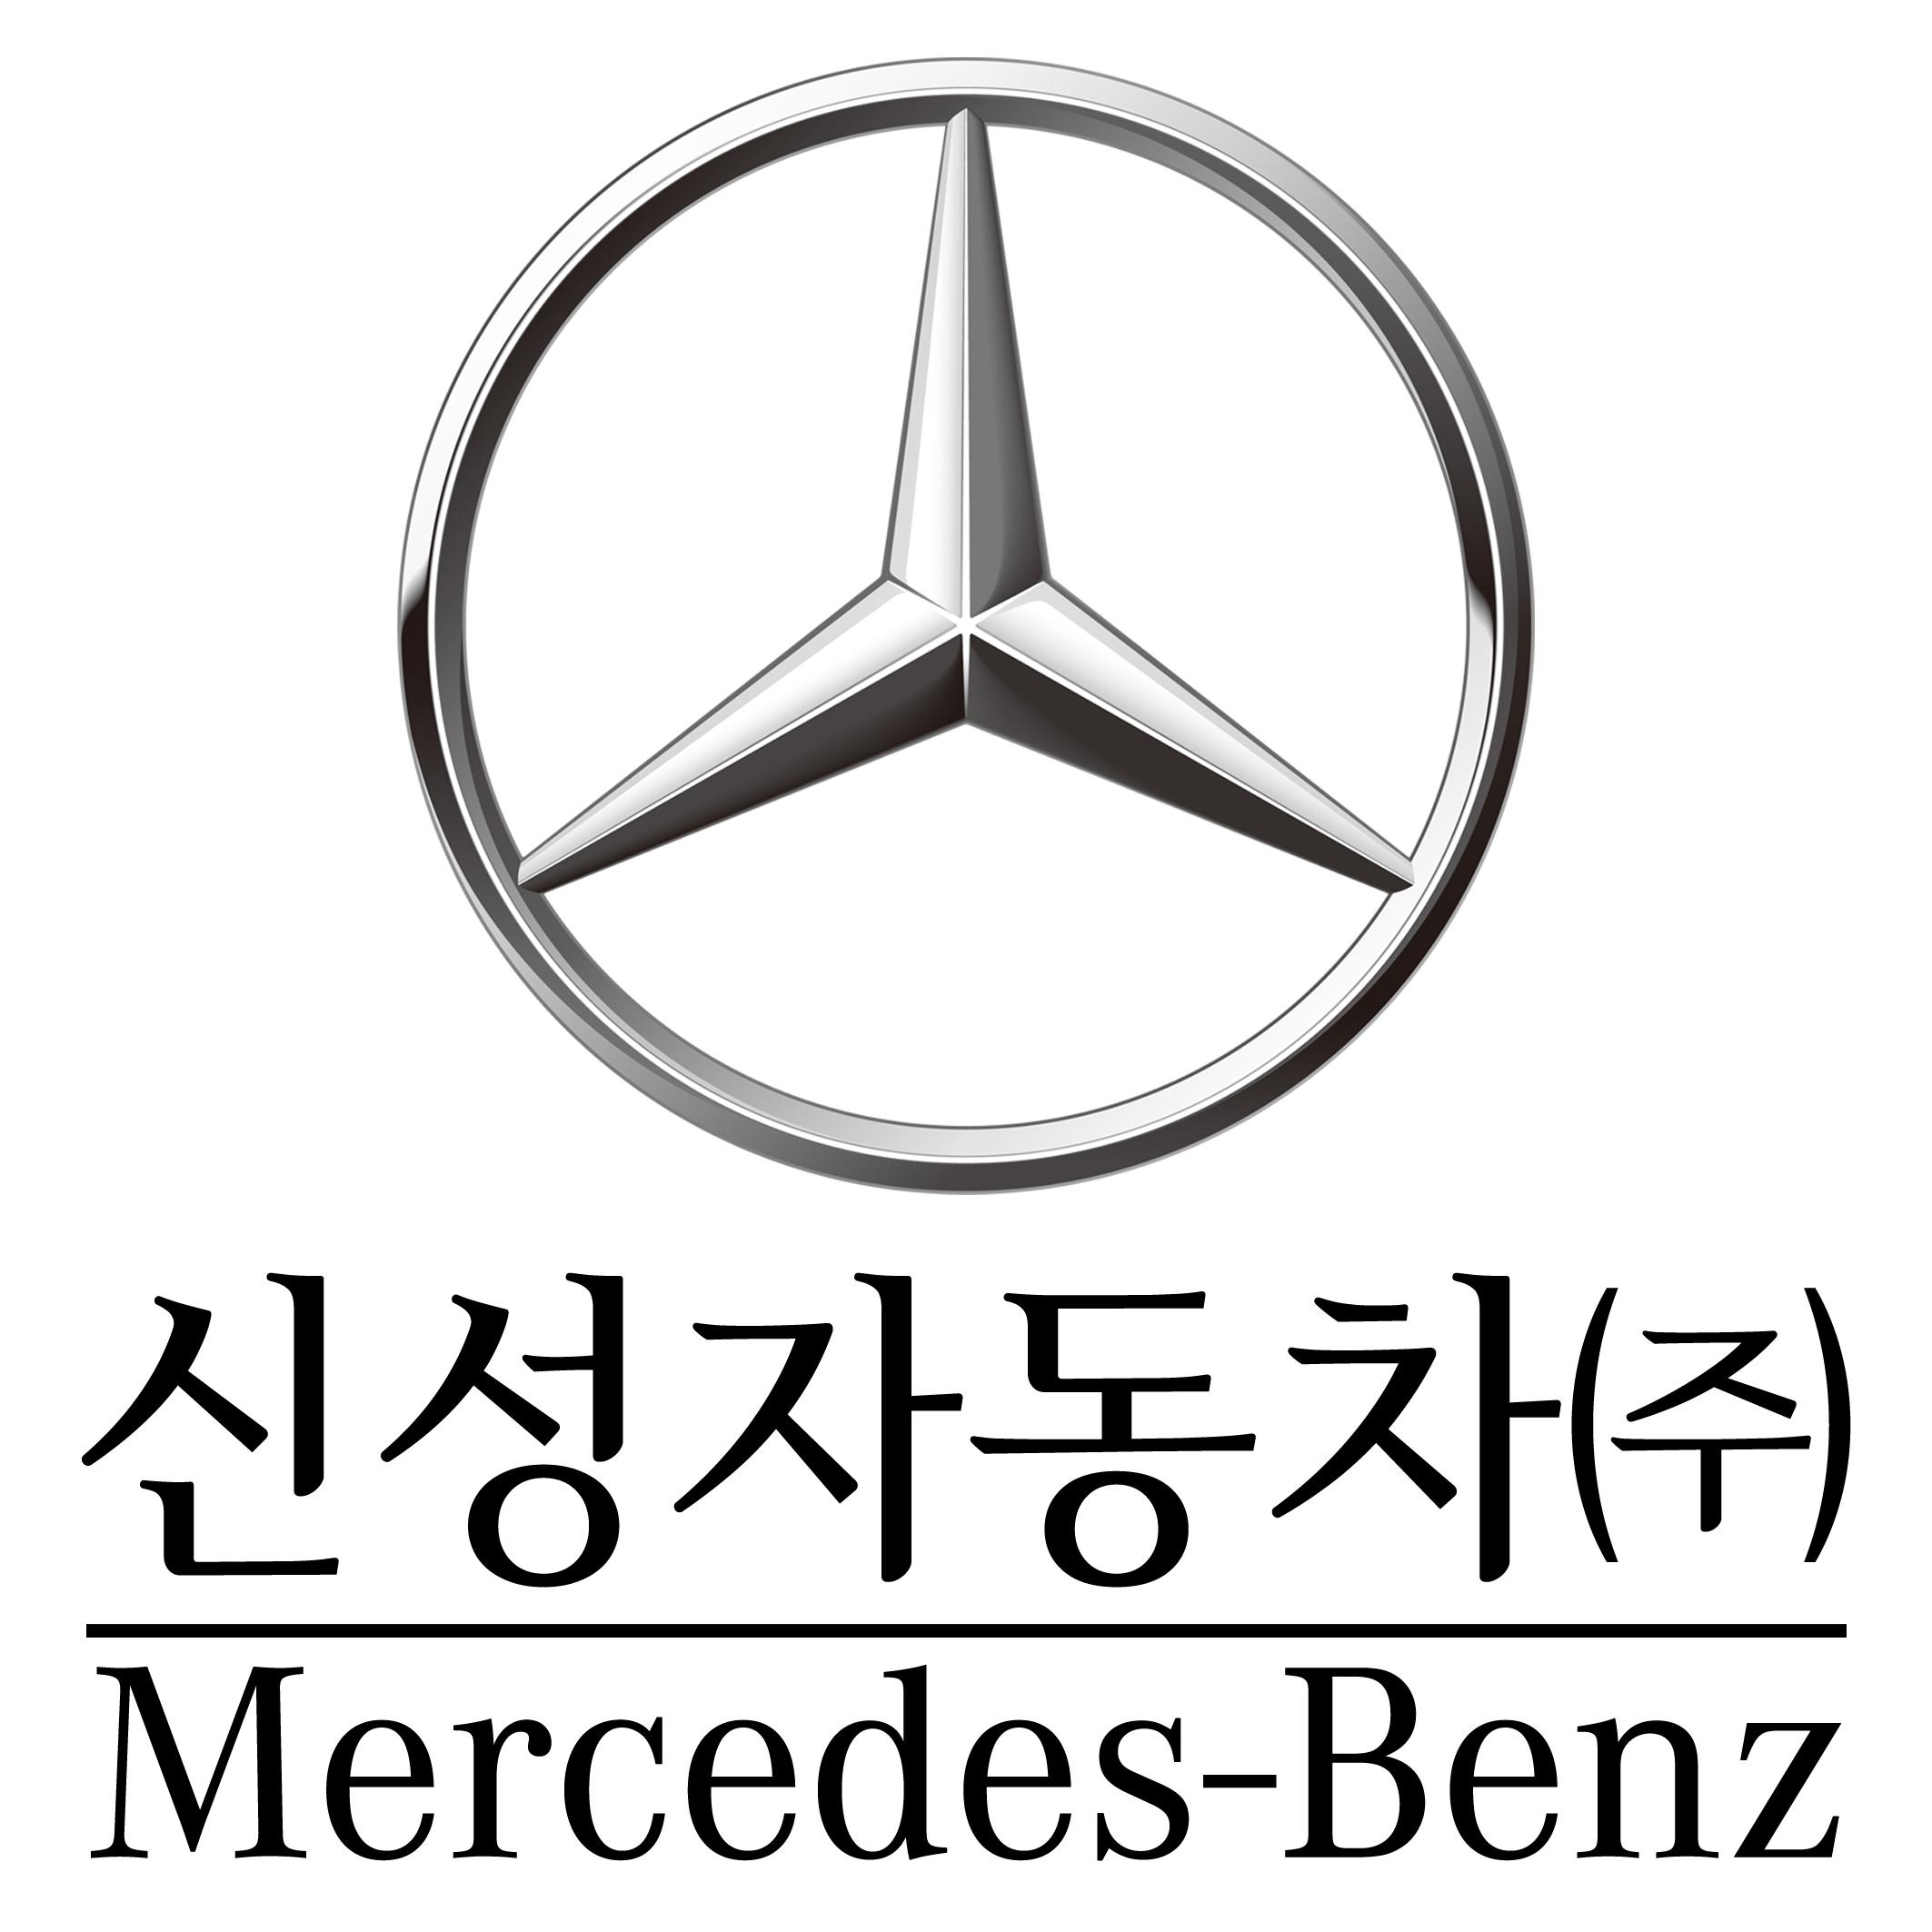 신성자동차(주)의 기업로고